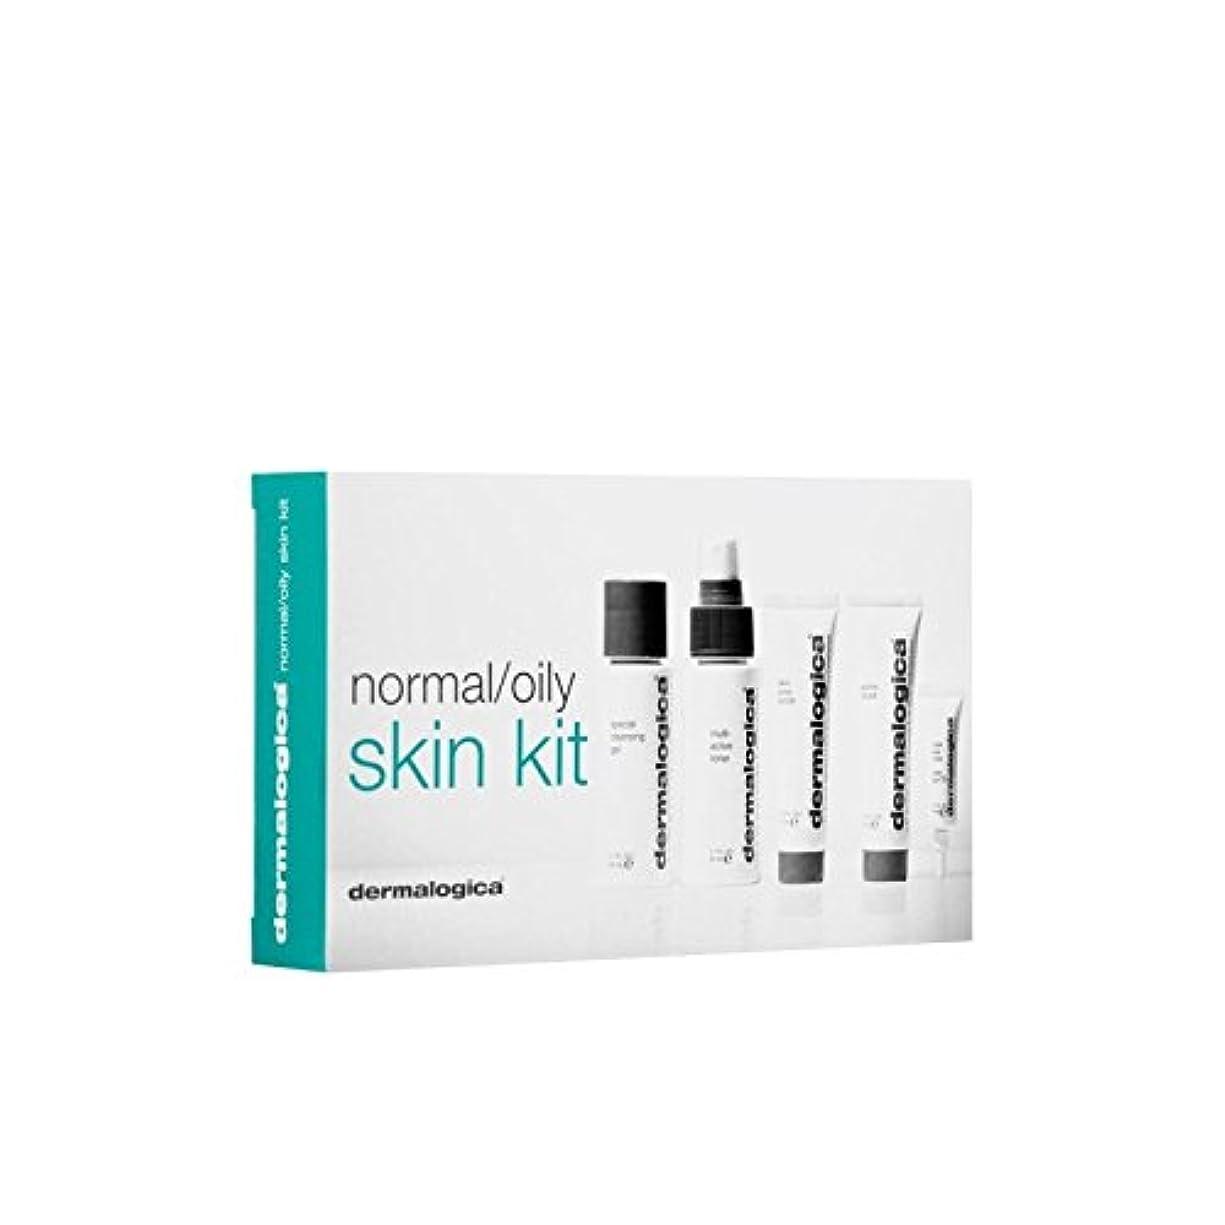 句アッティカス書き出すダーマロジカスキンキット - ノーマル/オイリー(5製品) x2 - Dermalogica Skin Kit - Normal/Oily (5 Products) (Pack of 2) [並行輸入品]